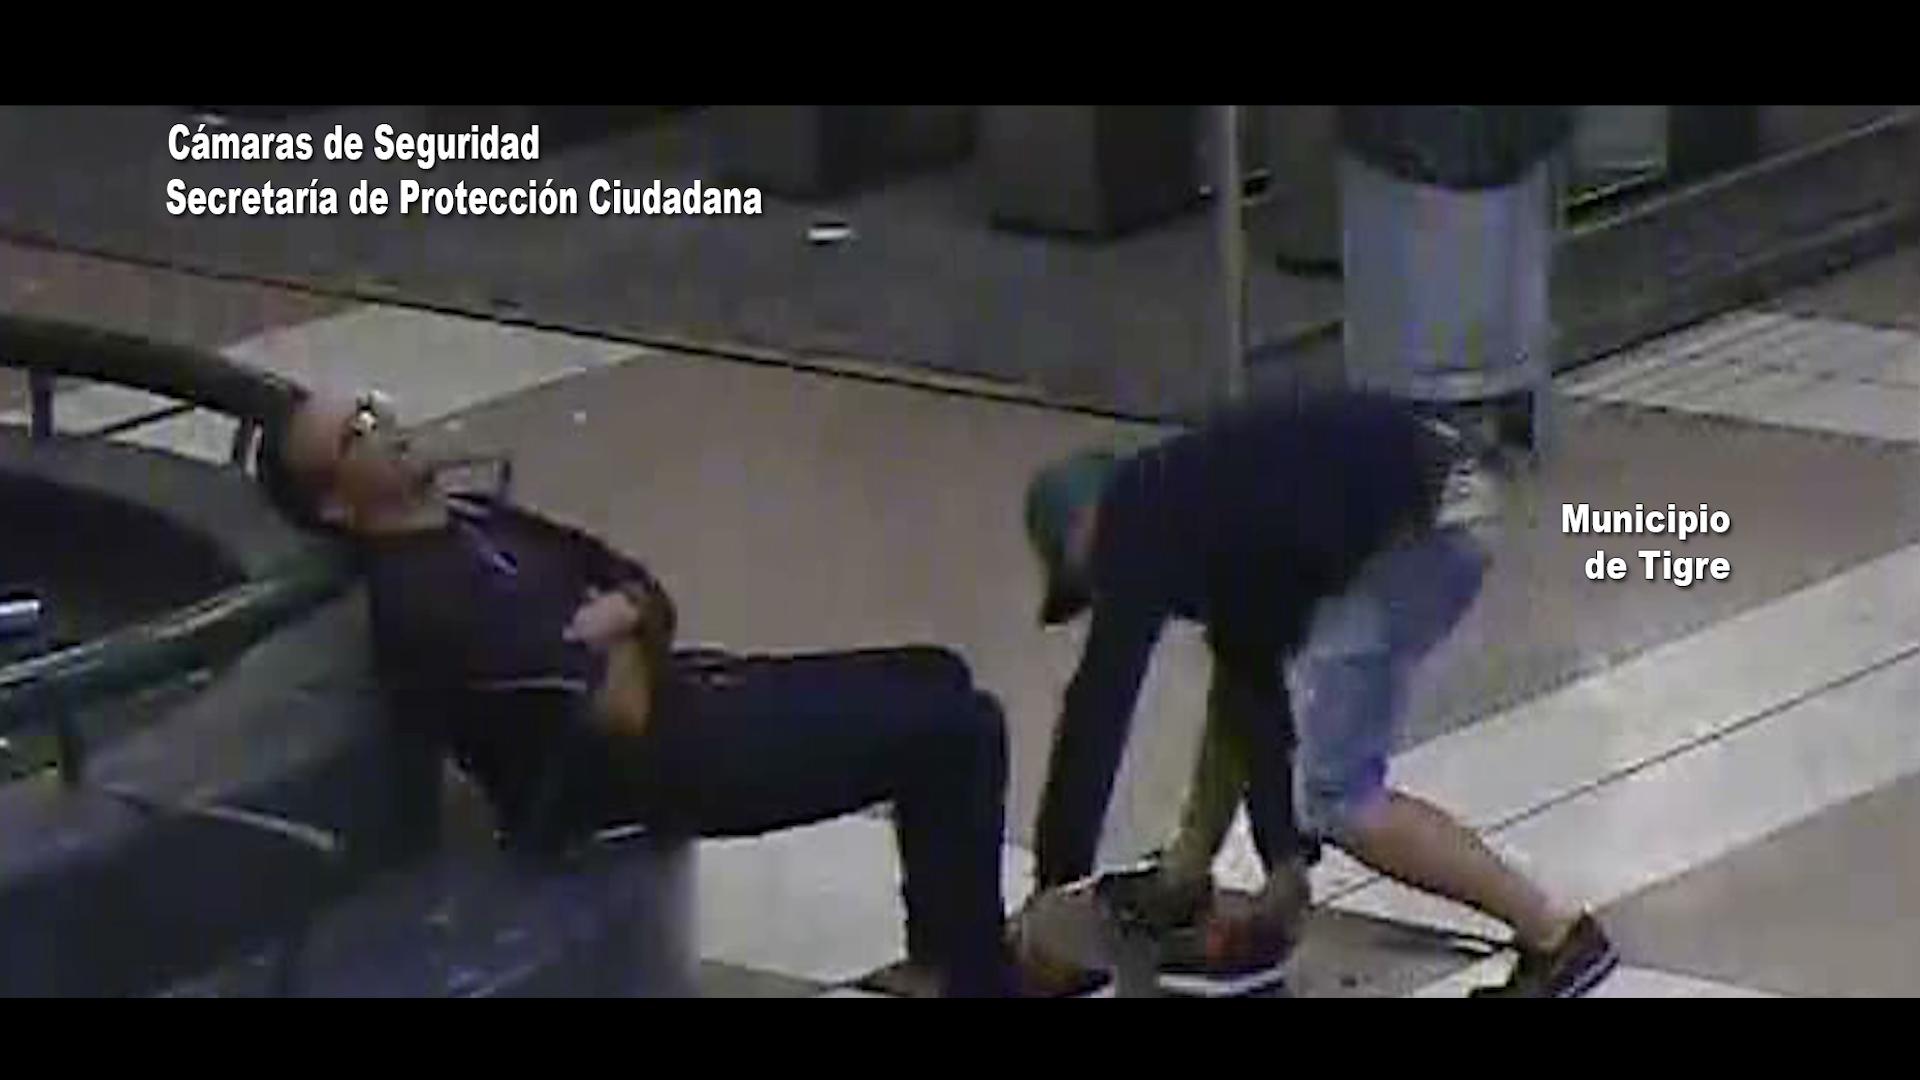 Tigre / Mira el video de como capturan a un chorro tras robarle la zapatillas a un dormido